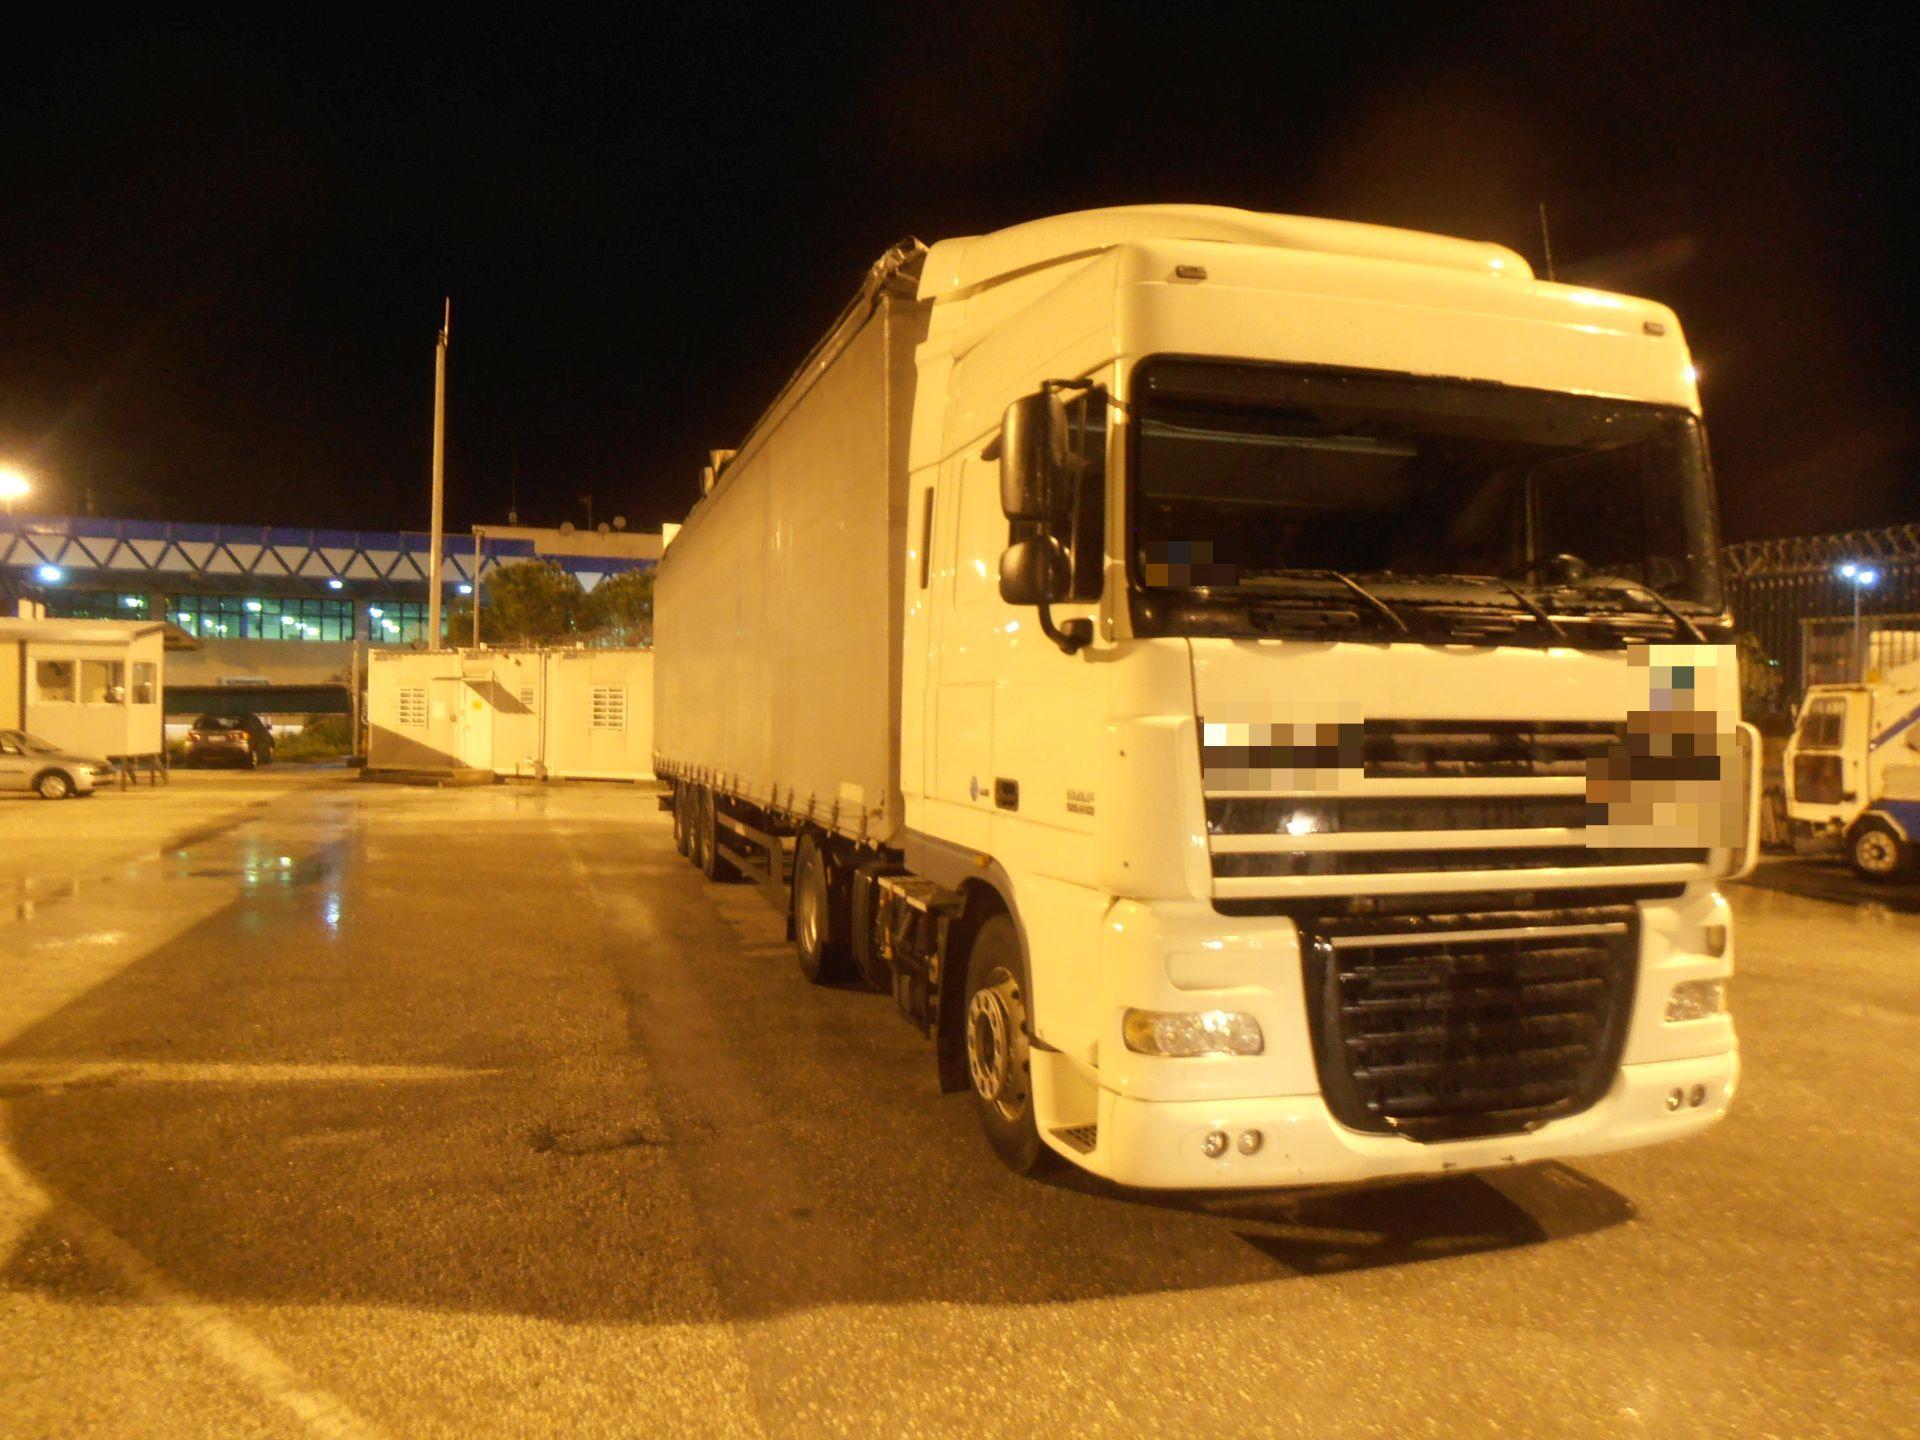 Φορτηγατζής θα πέρναγε από τη Βόρεια Μακεδονία 90 κιλά χασίς μέσα σε ρεζέρβες